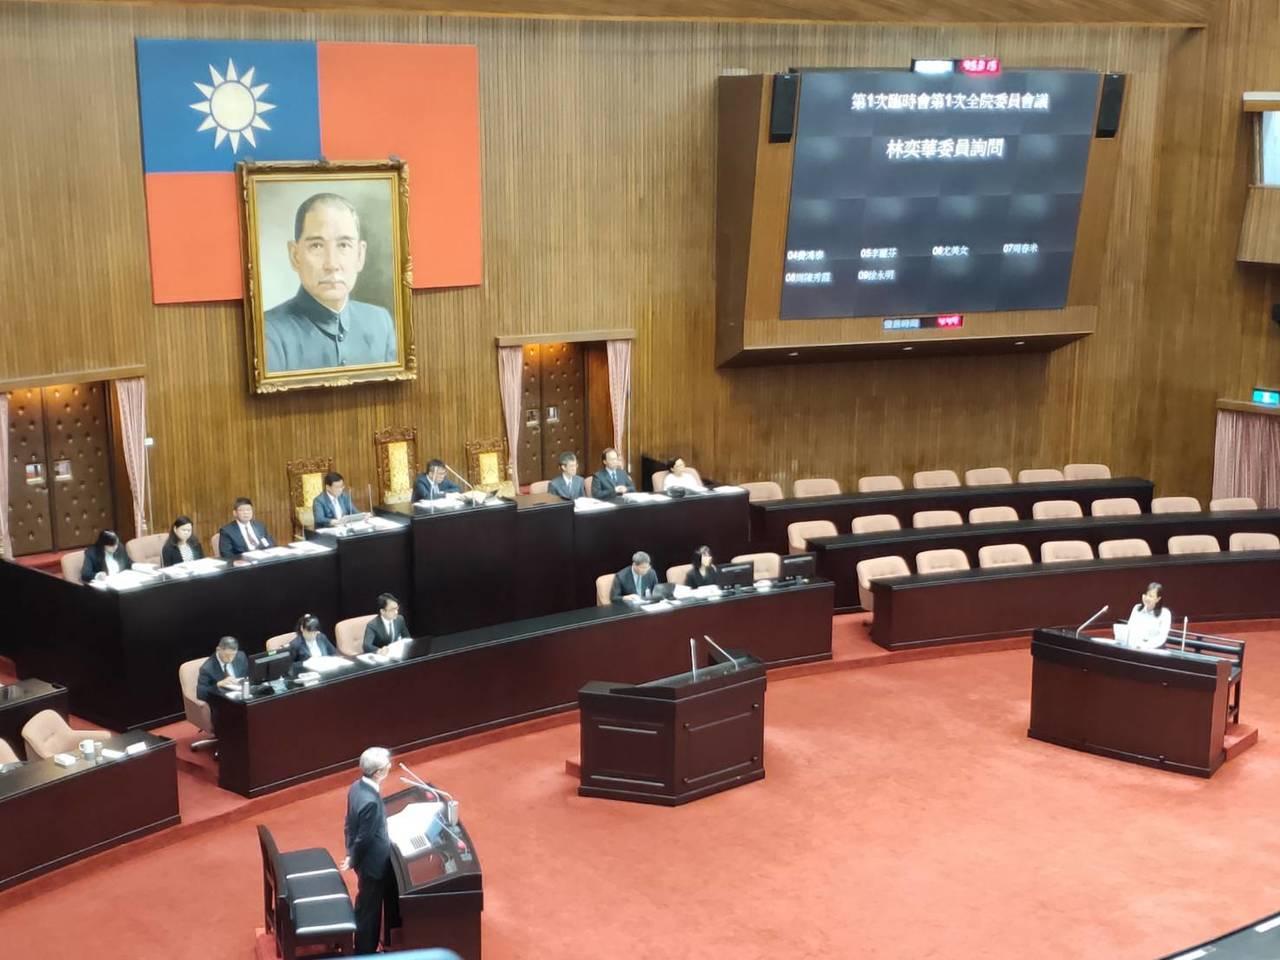 大法官被提名人謝銘洋接受國民黨立委林奕華質詢。 記者徐偉真/攝影